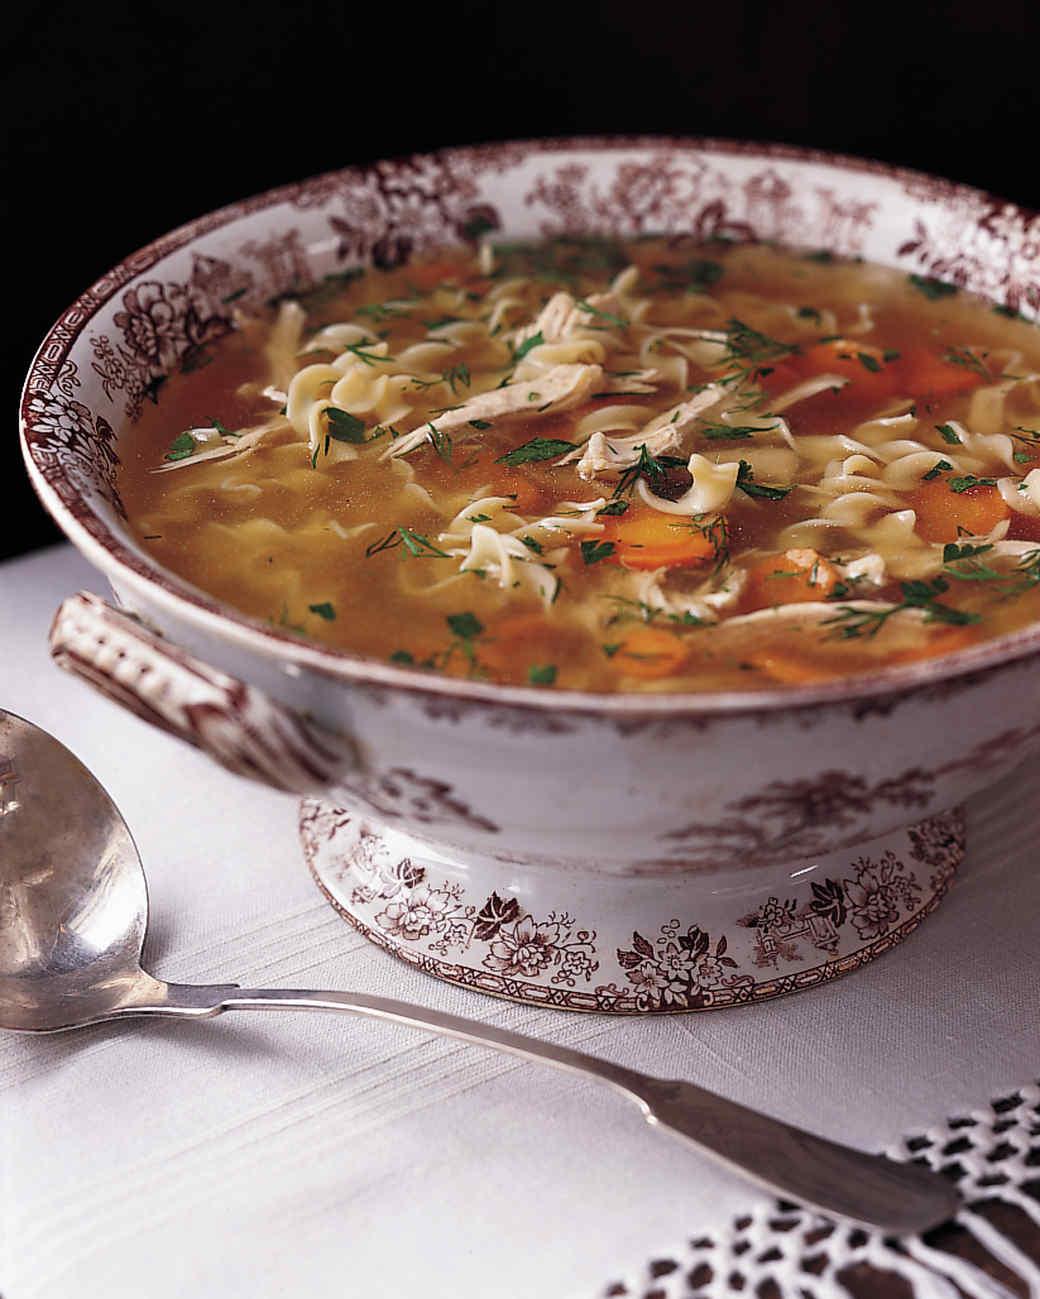 chicken-noodle-1099-mla97862.jpg